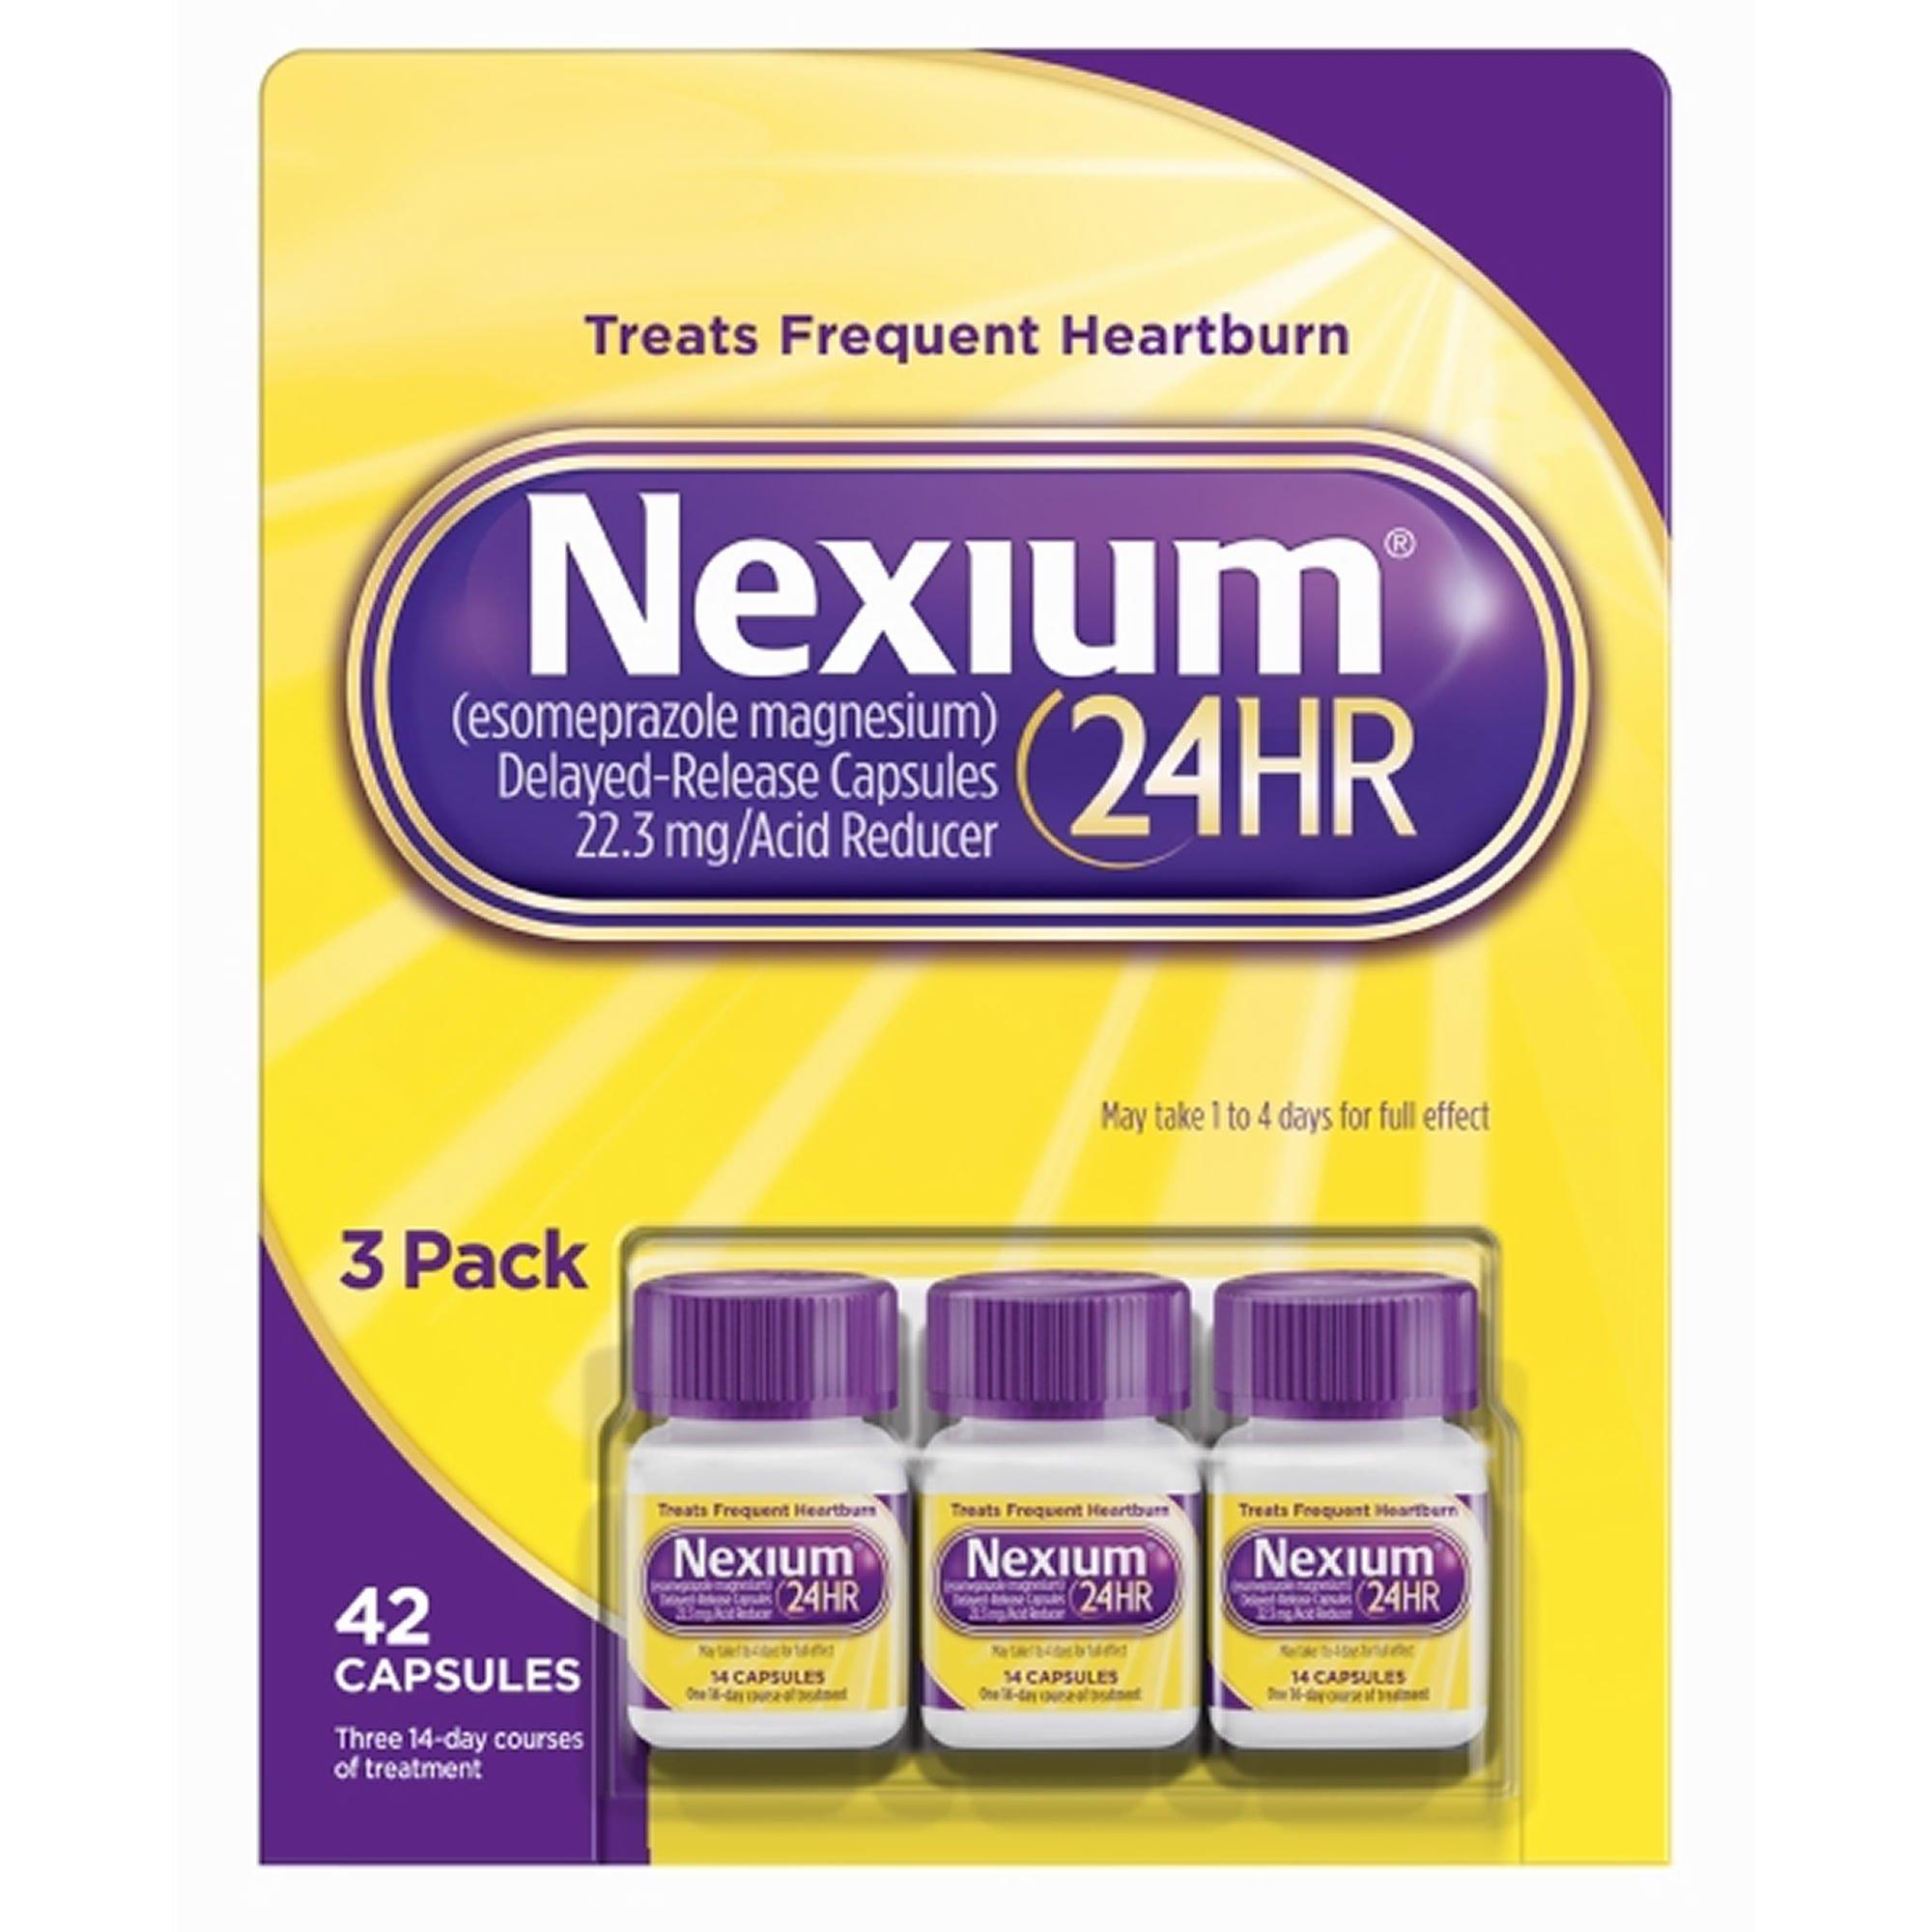 Nexium 24HR Acid Reducer, 42 ct. (pack of 6)